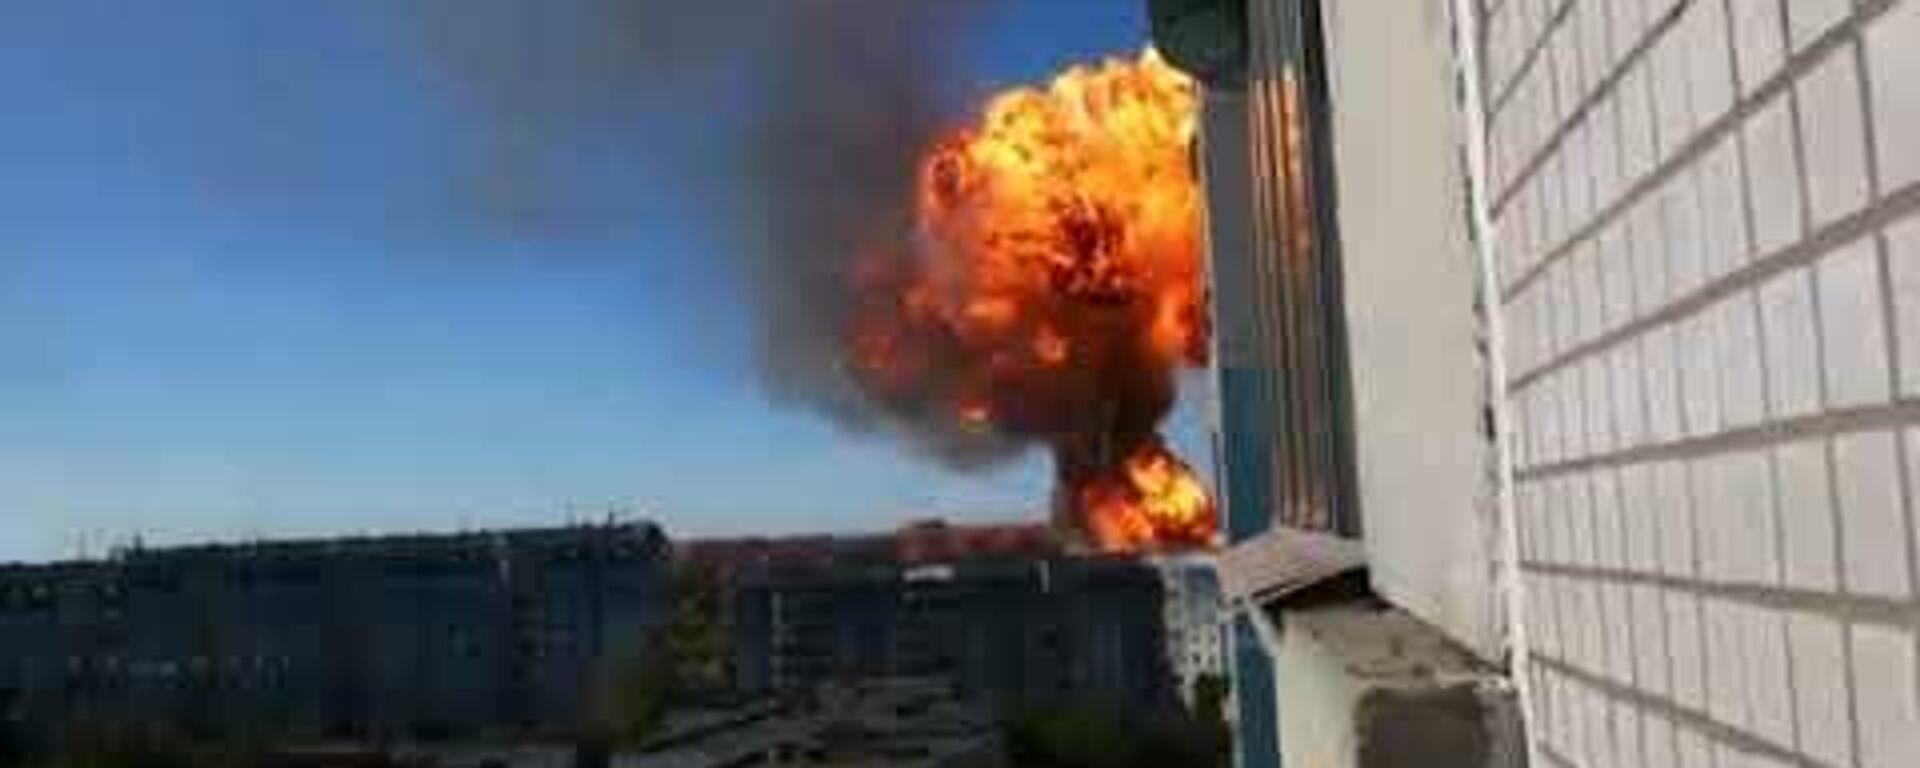 На АЗС в Новосибирске произошел крупный пожар - Sputnik Латвия, 1920, 14.06.2021